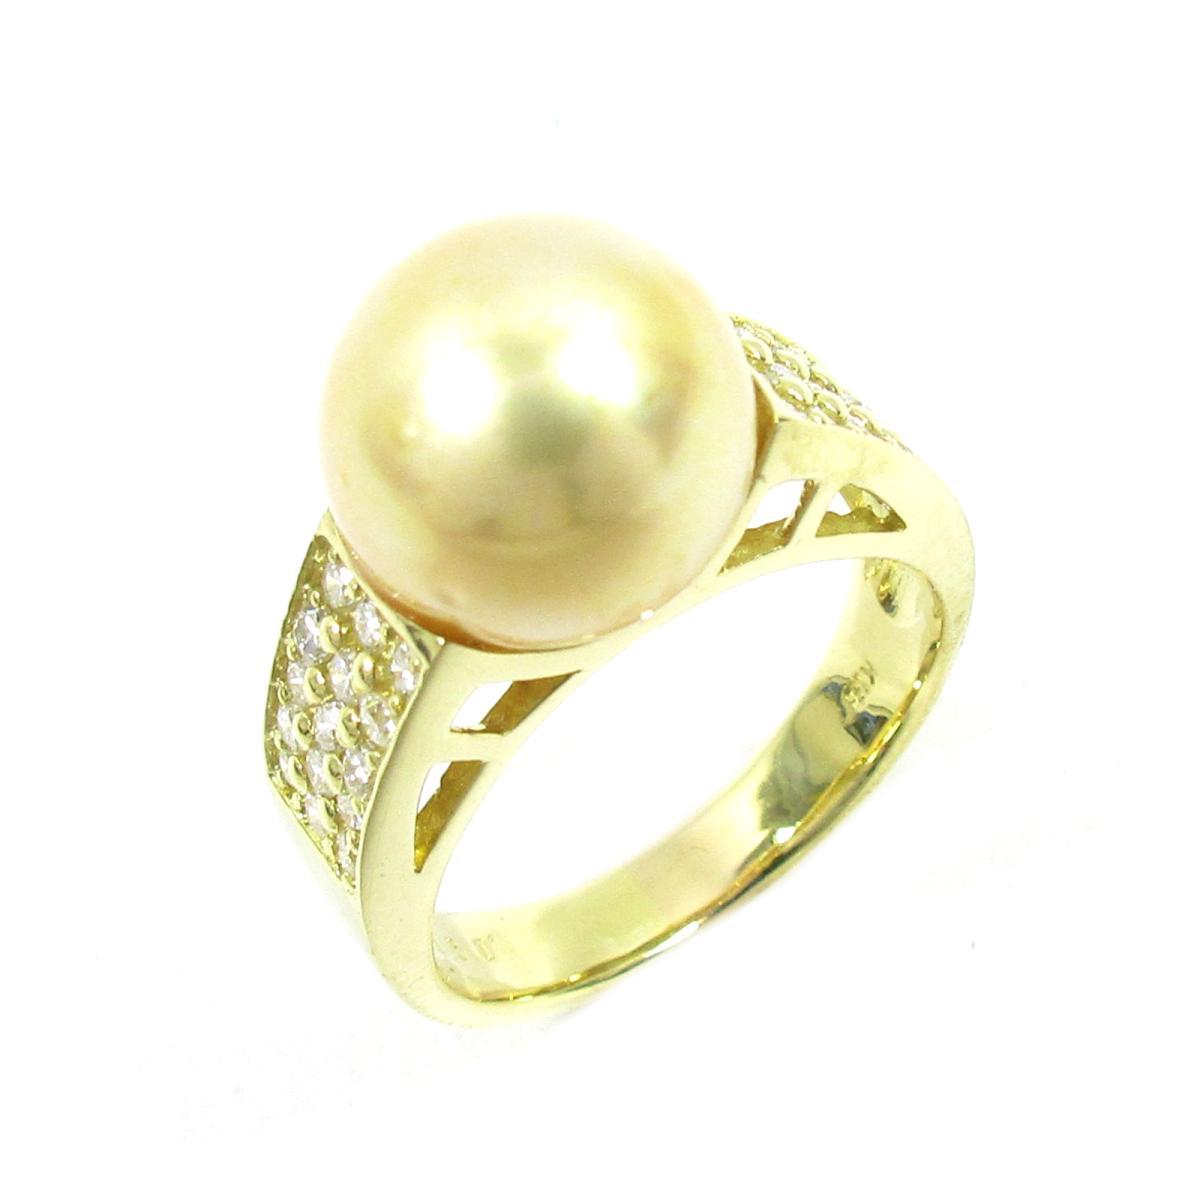 ジュエリー パールリング 指輪 ノーブランドジュエリー レディース K18YG (750) イエローゴールド X パール10.8mm ダイヤモンド0.50ct ゴールド クリアー 【中古】 | ブランド